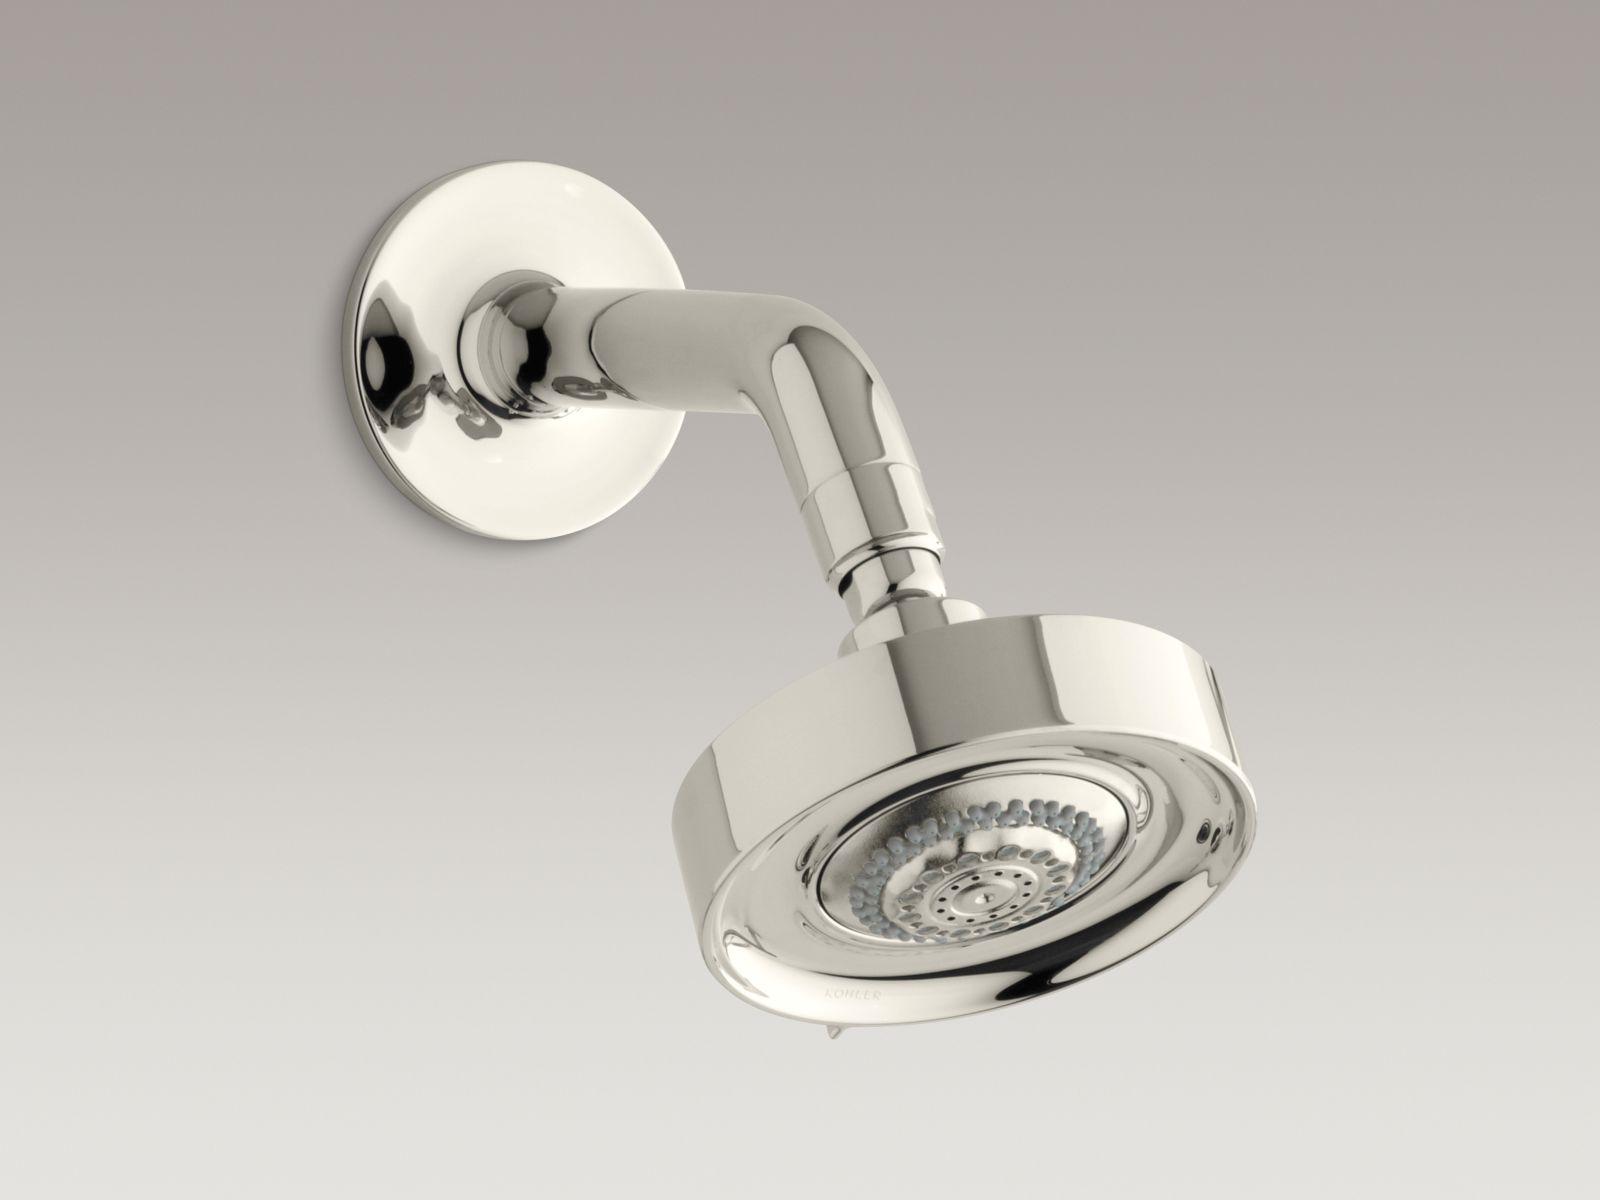 Kohler K-966-SN Purist/Taboret Multifunction Showerhead Vibrant Polished Nickel